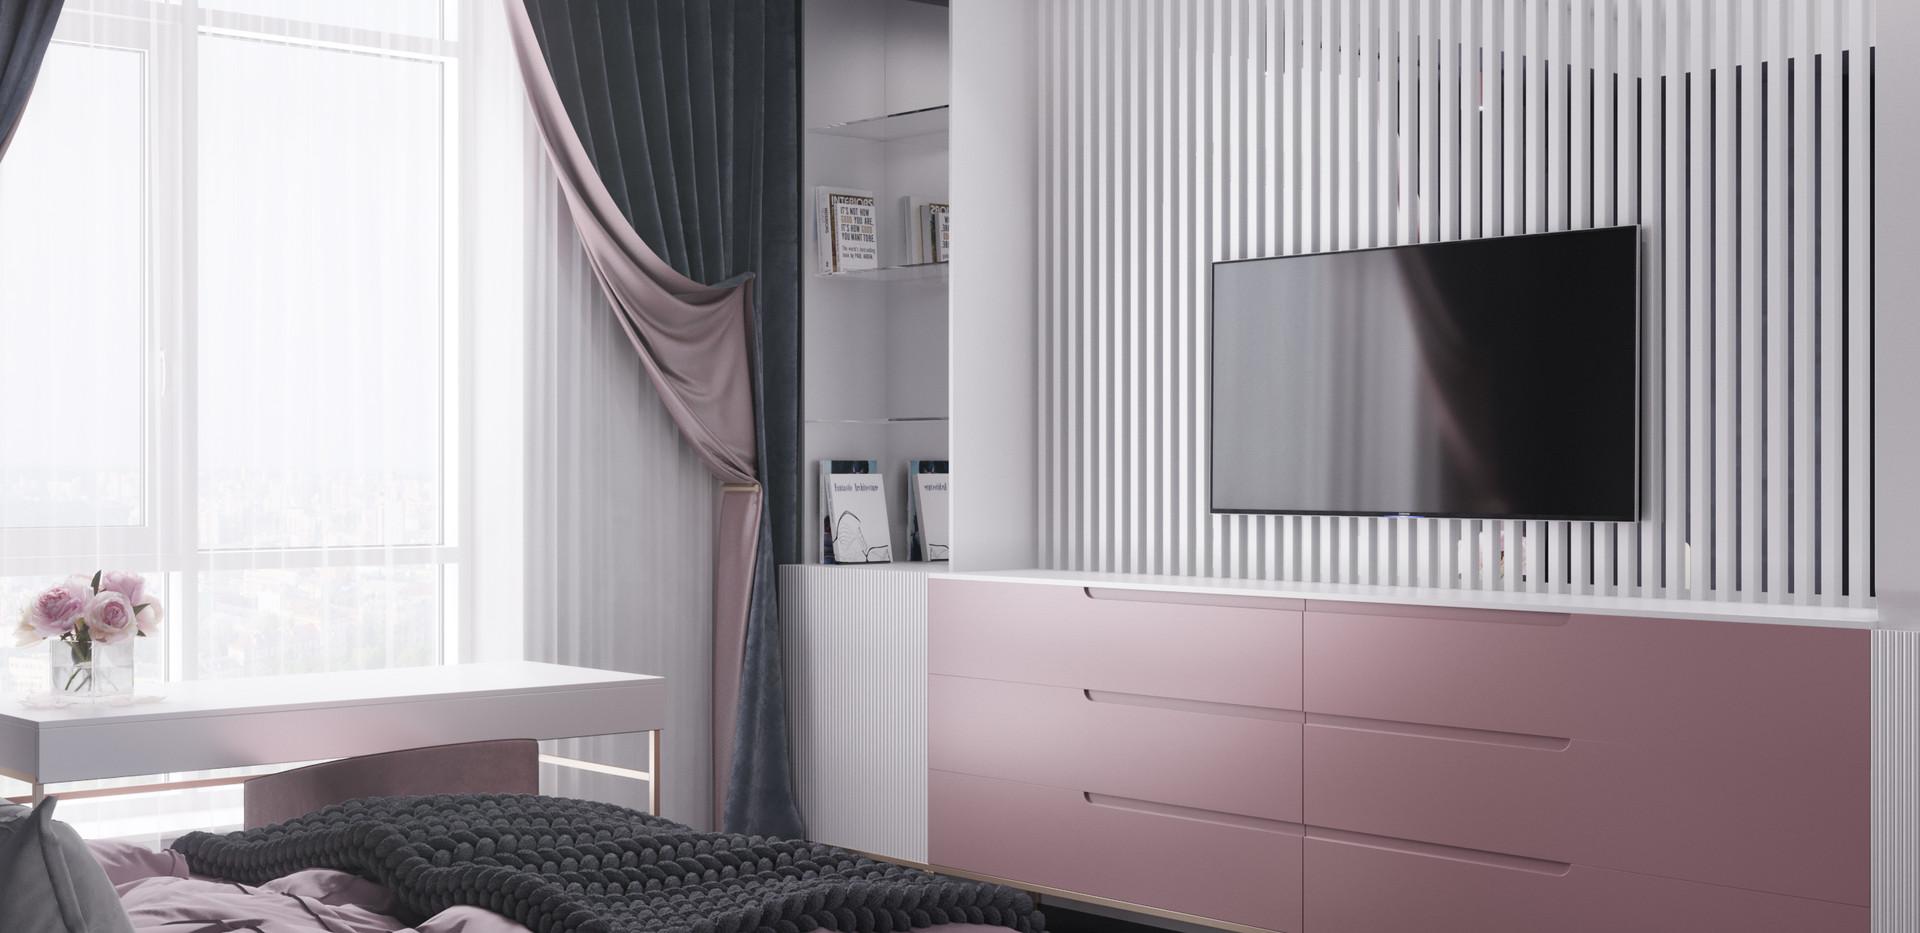 181.2019.001_Bedroom_girl9_Cam3 (2).jpg